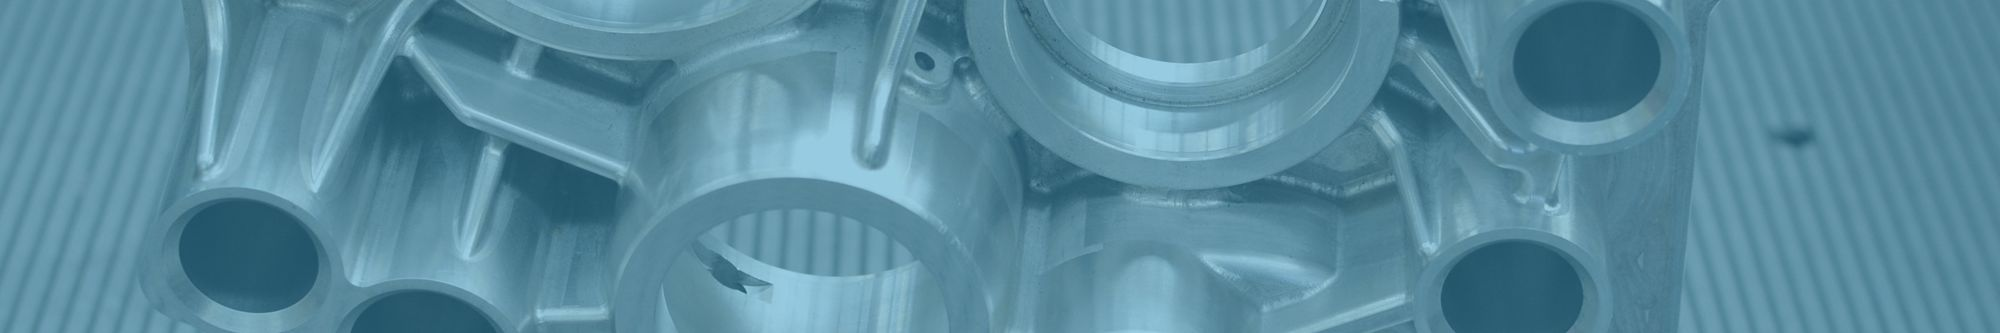 5 Axis CNC Machining2b